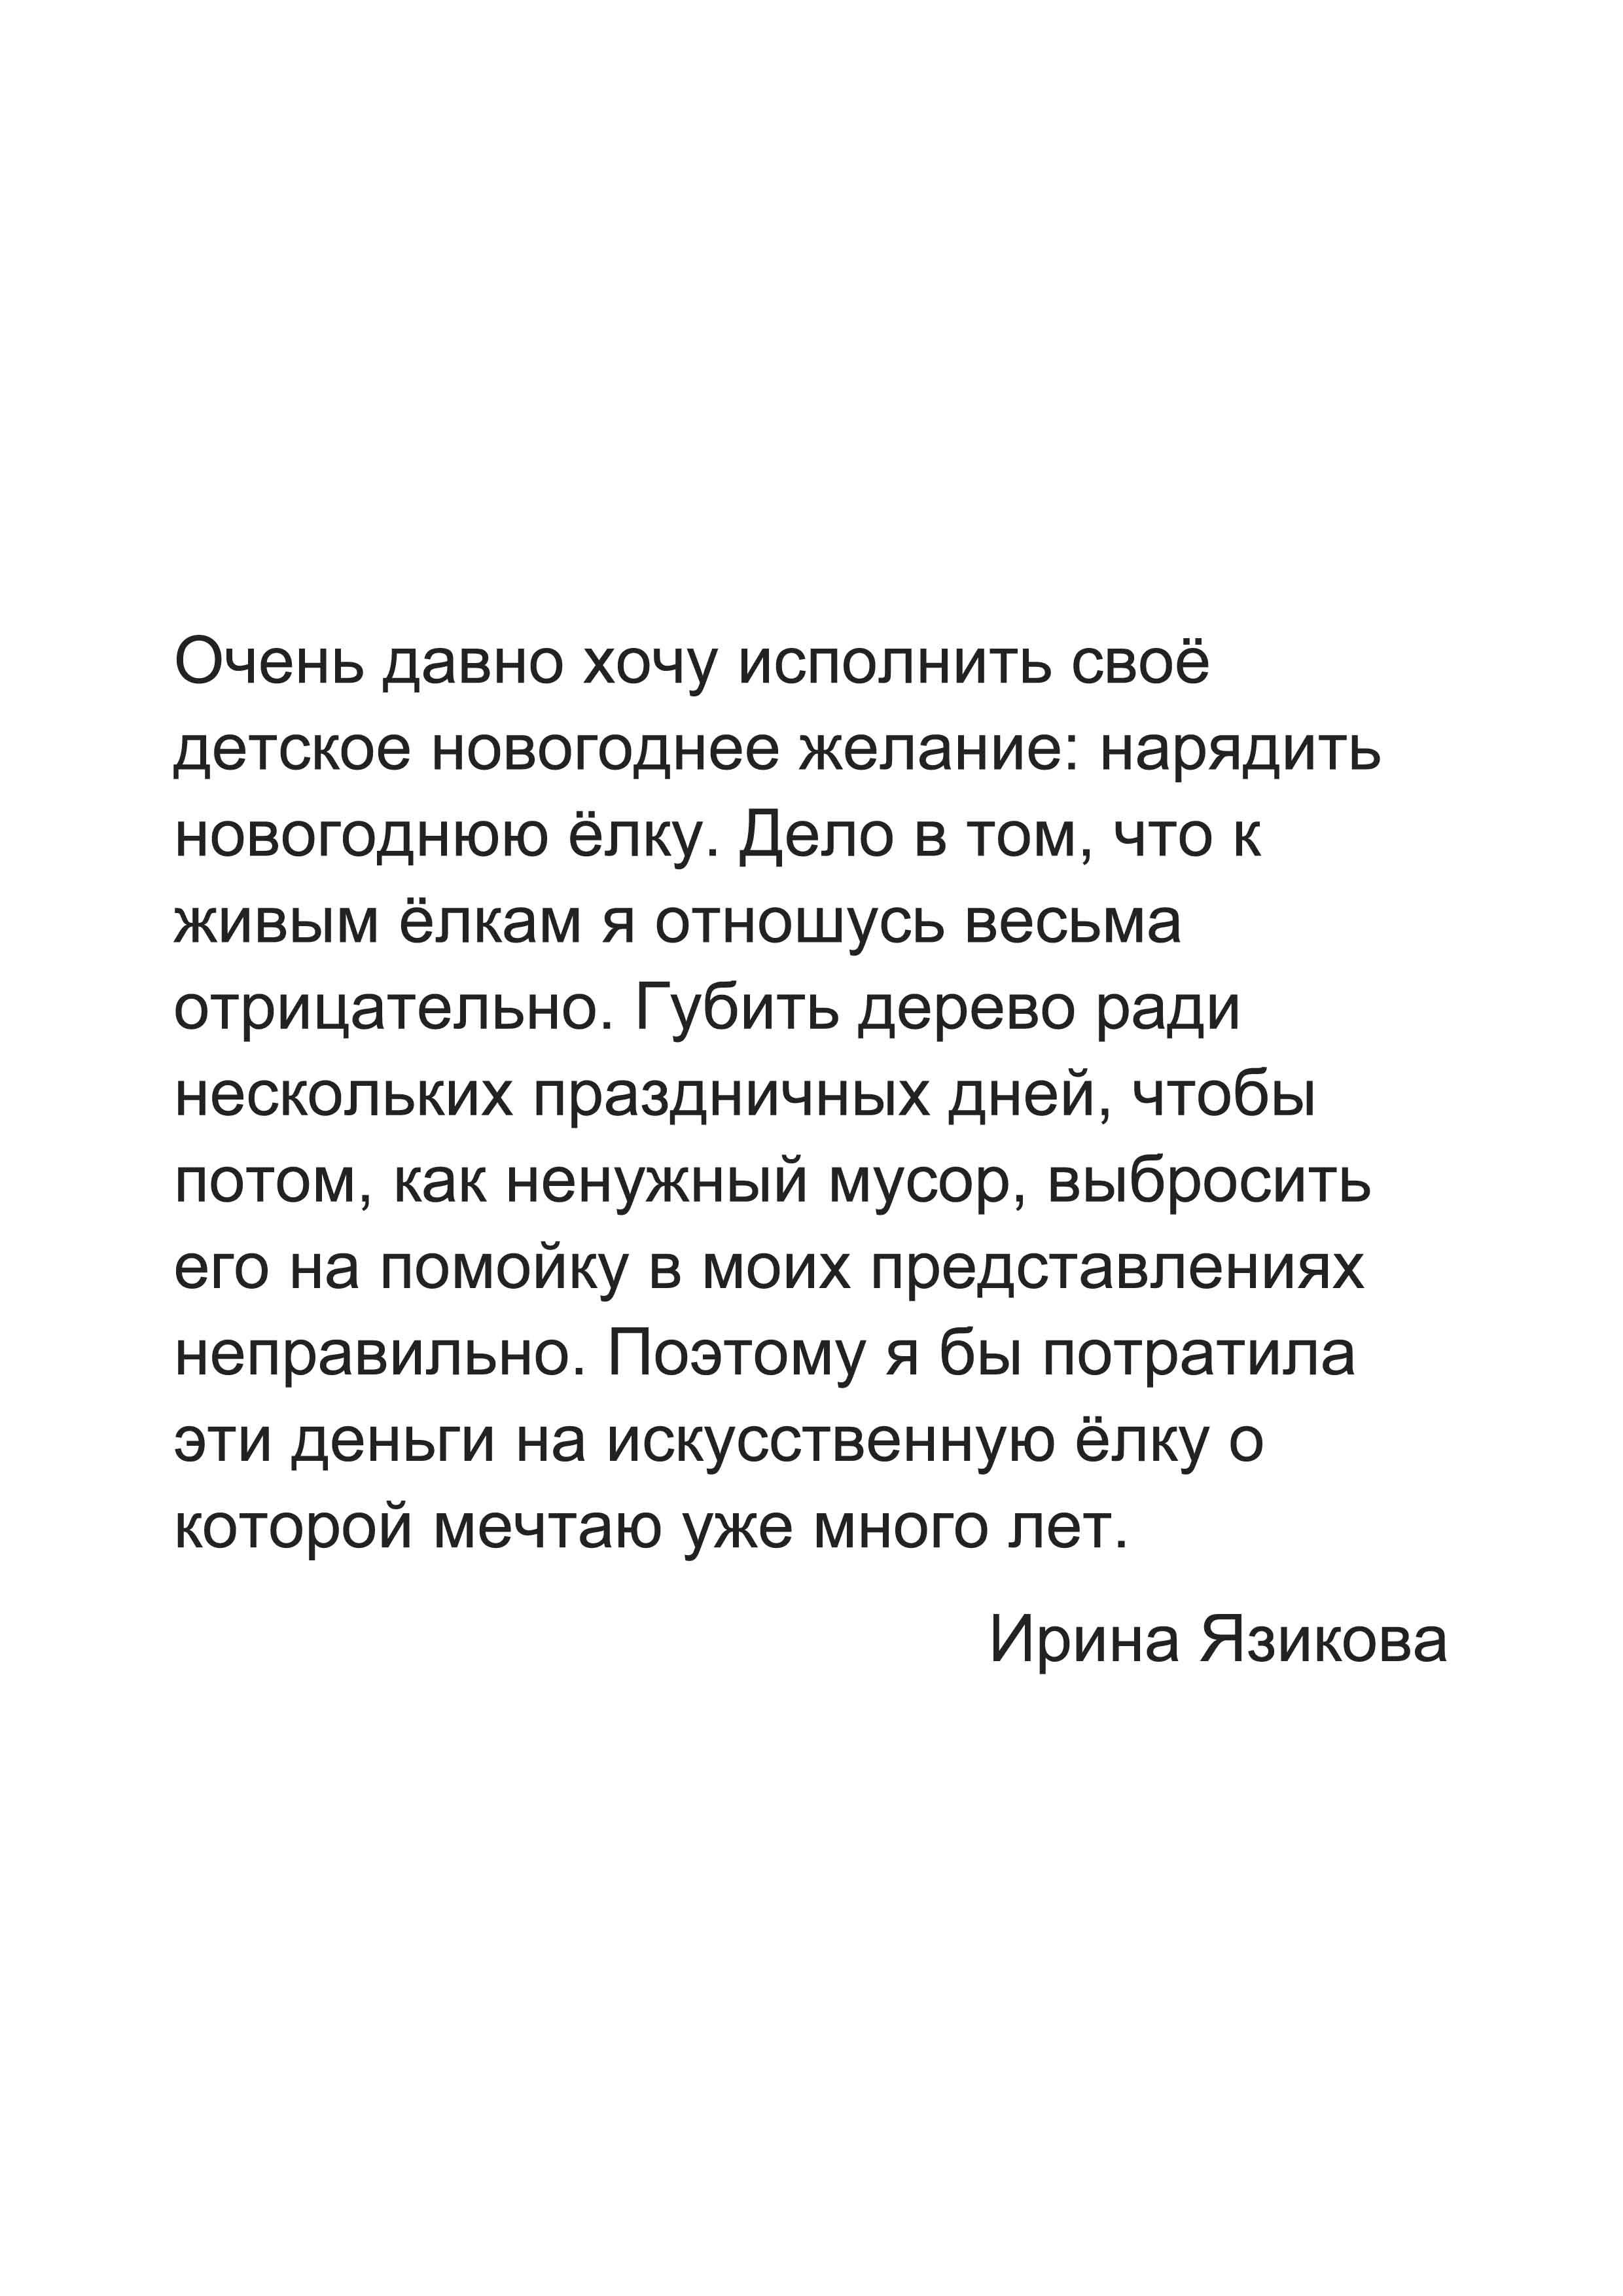 Ирина Язикова